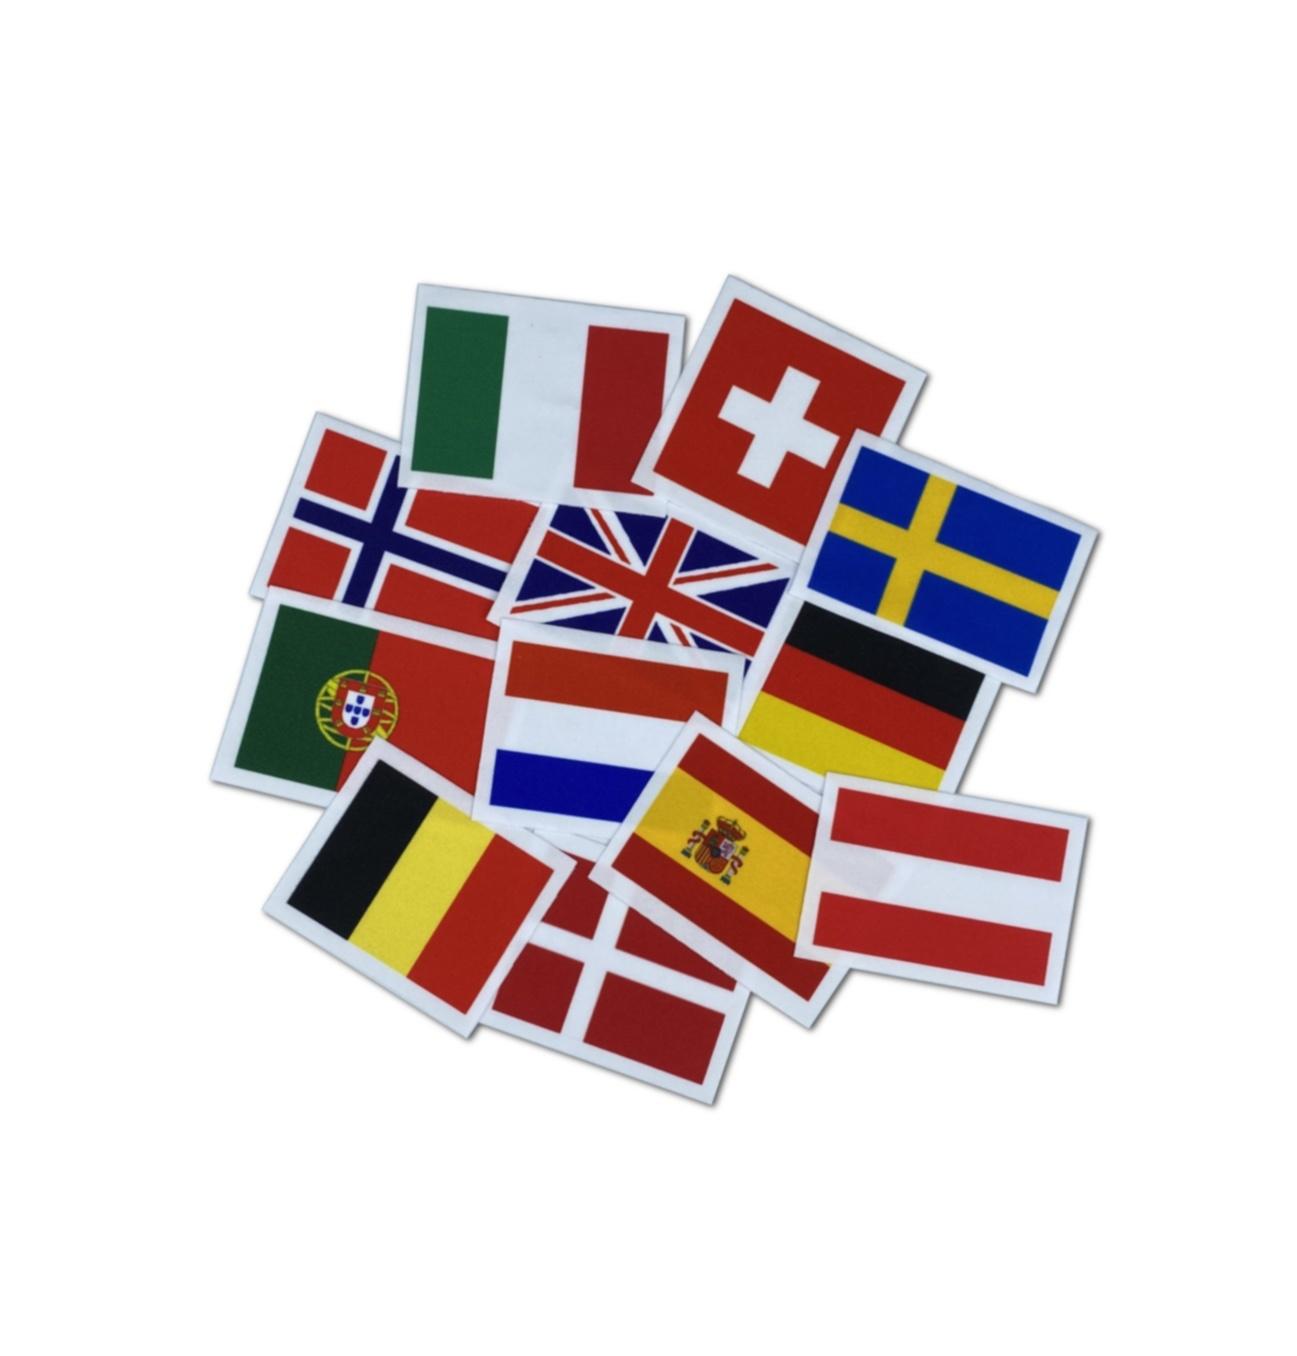 Nieuwe FIG regels voor Acro vlaggetjes